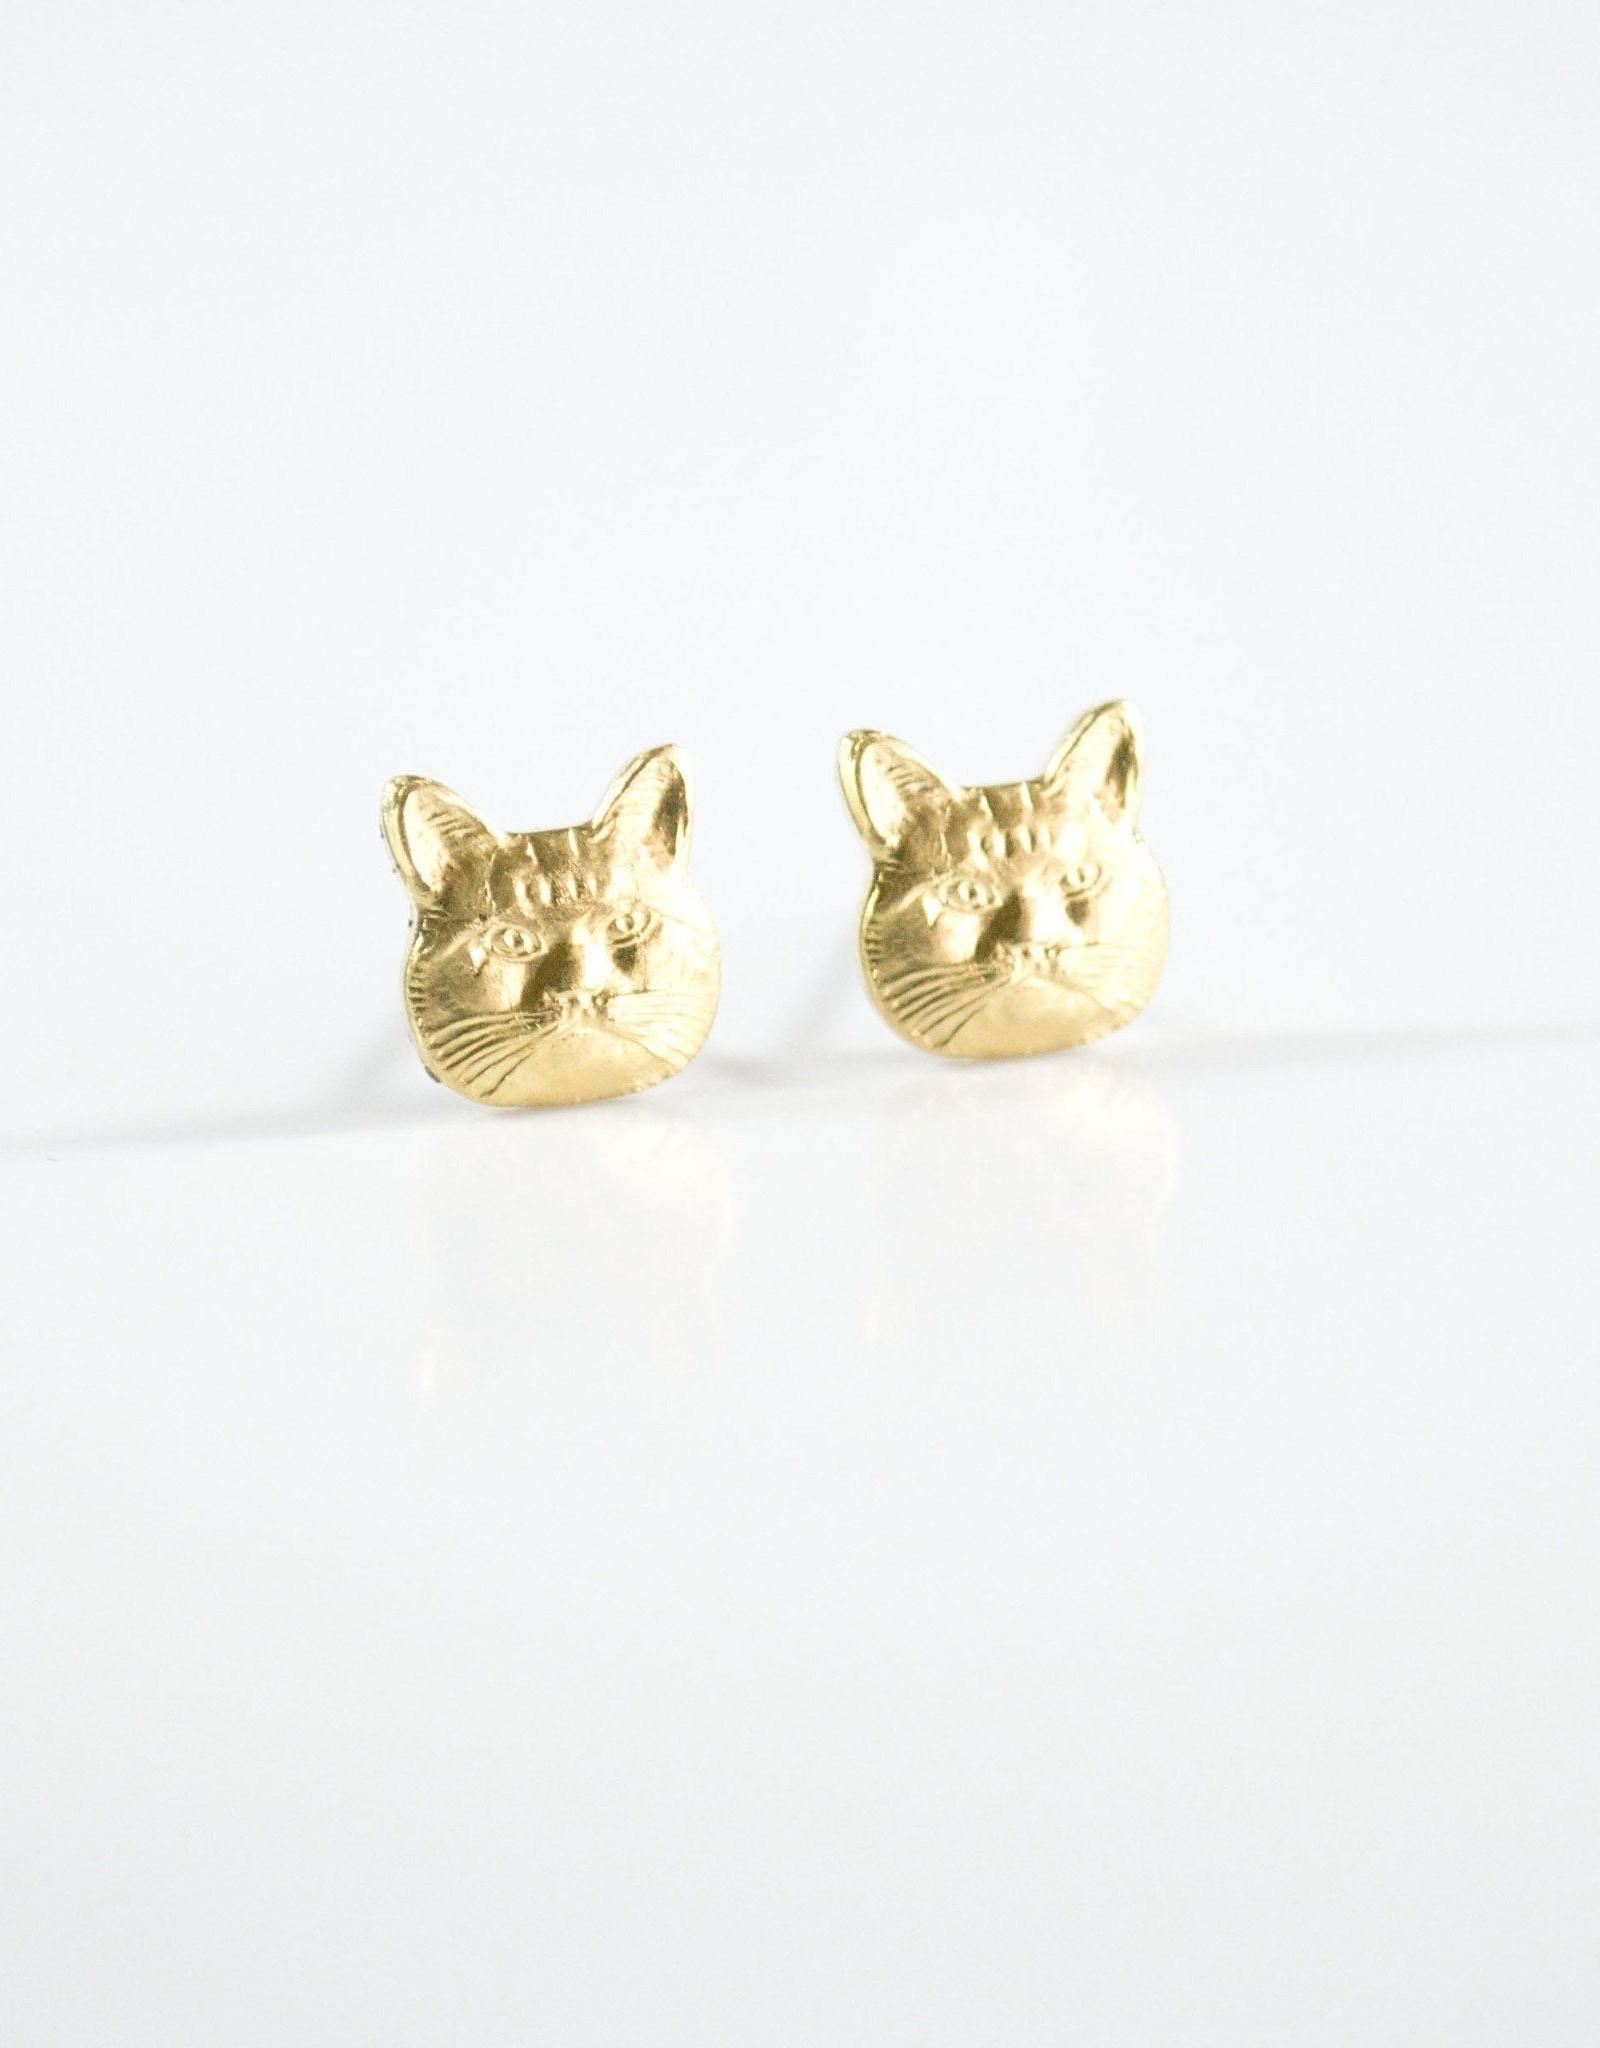 Grey Theory Mill Earrings - Cat Head